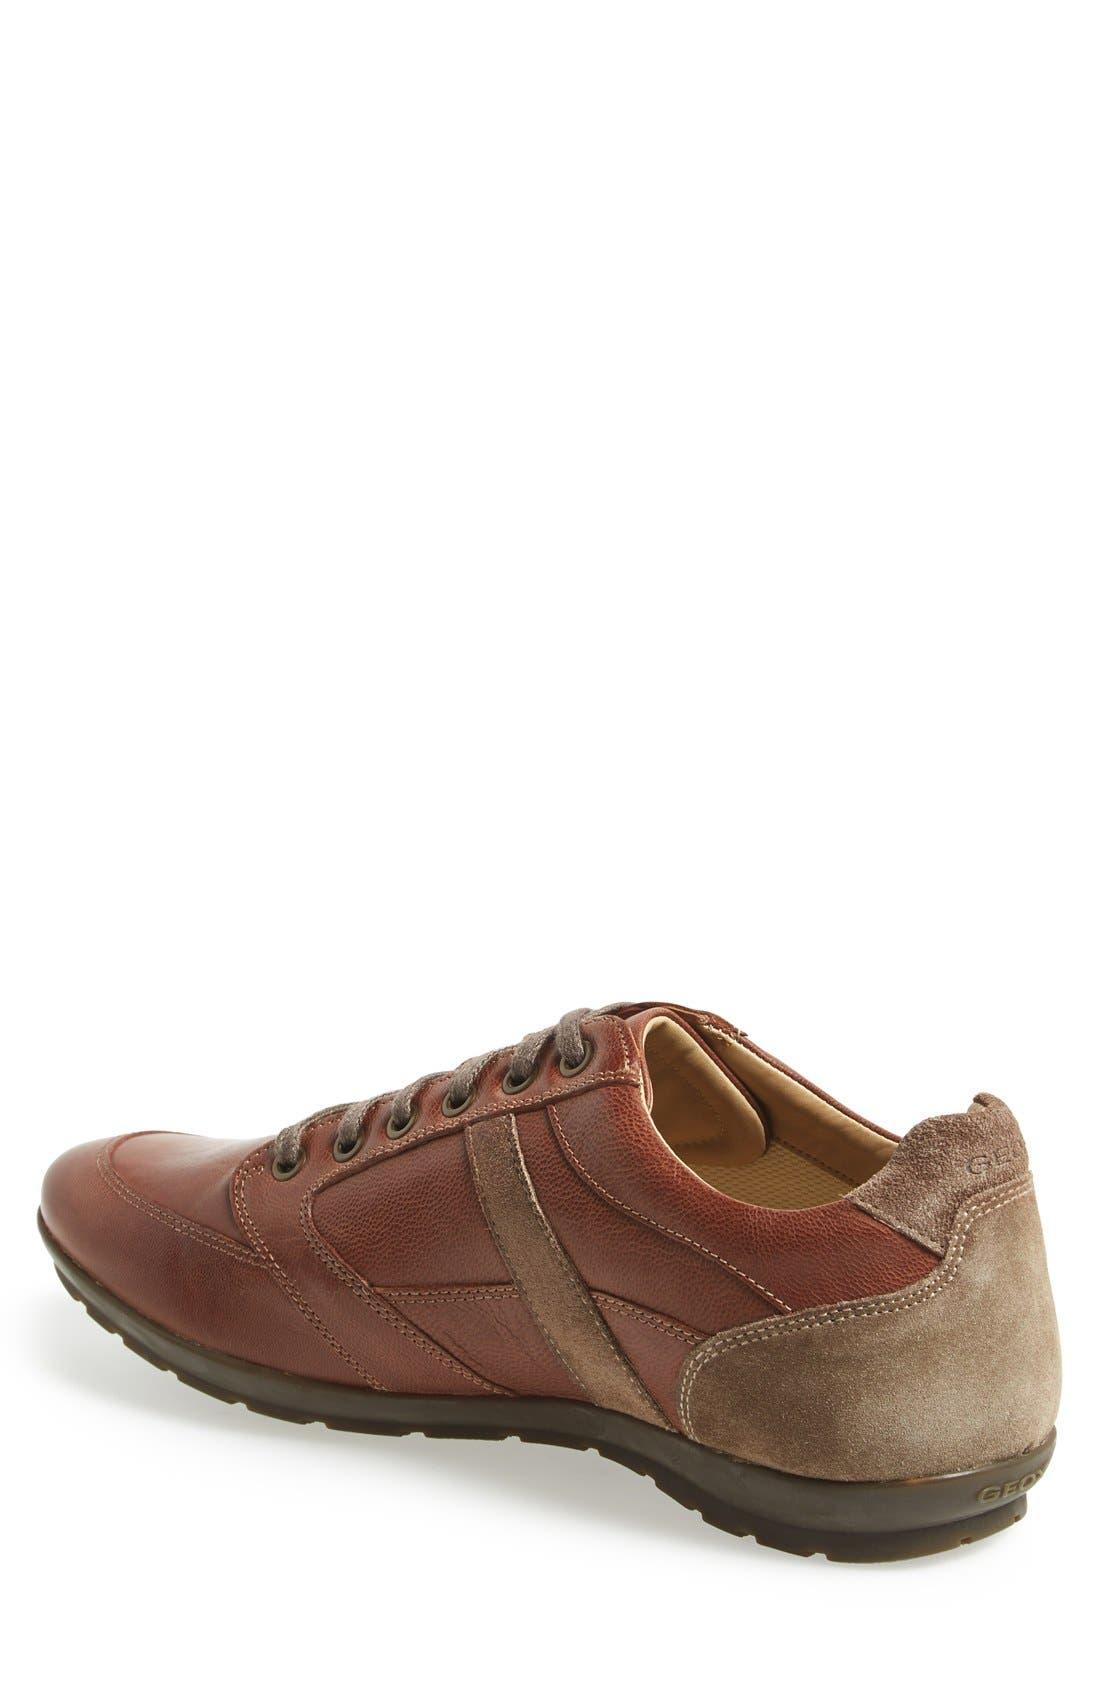 'Symbol 6' Sneaker,                             Alternate thumbnail 2, color,                             Whisky